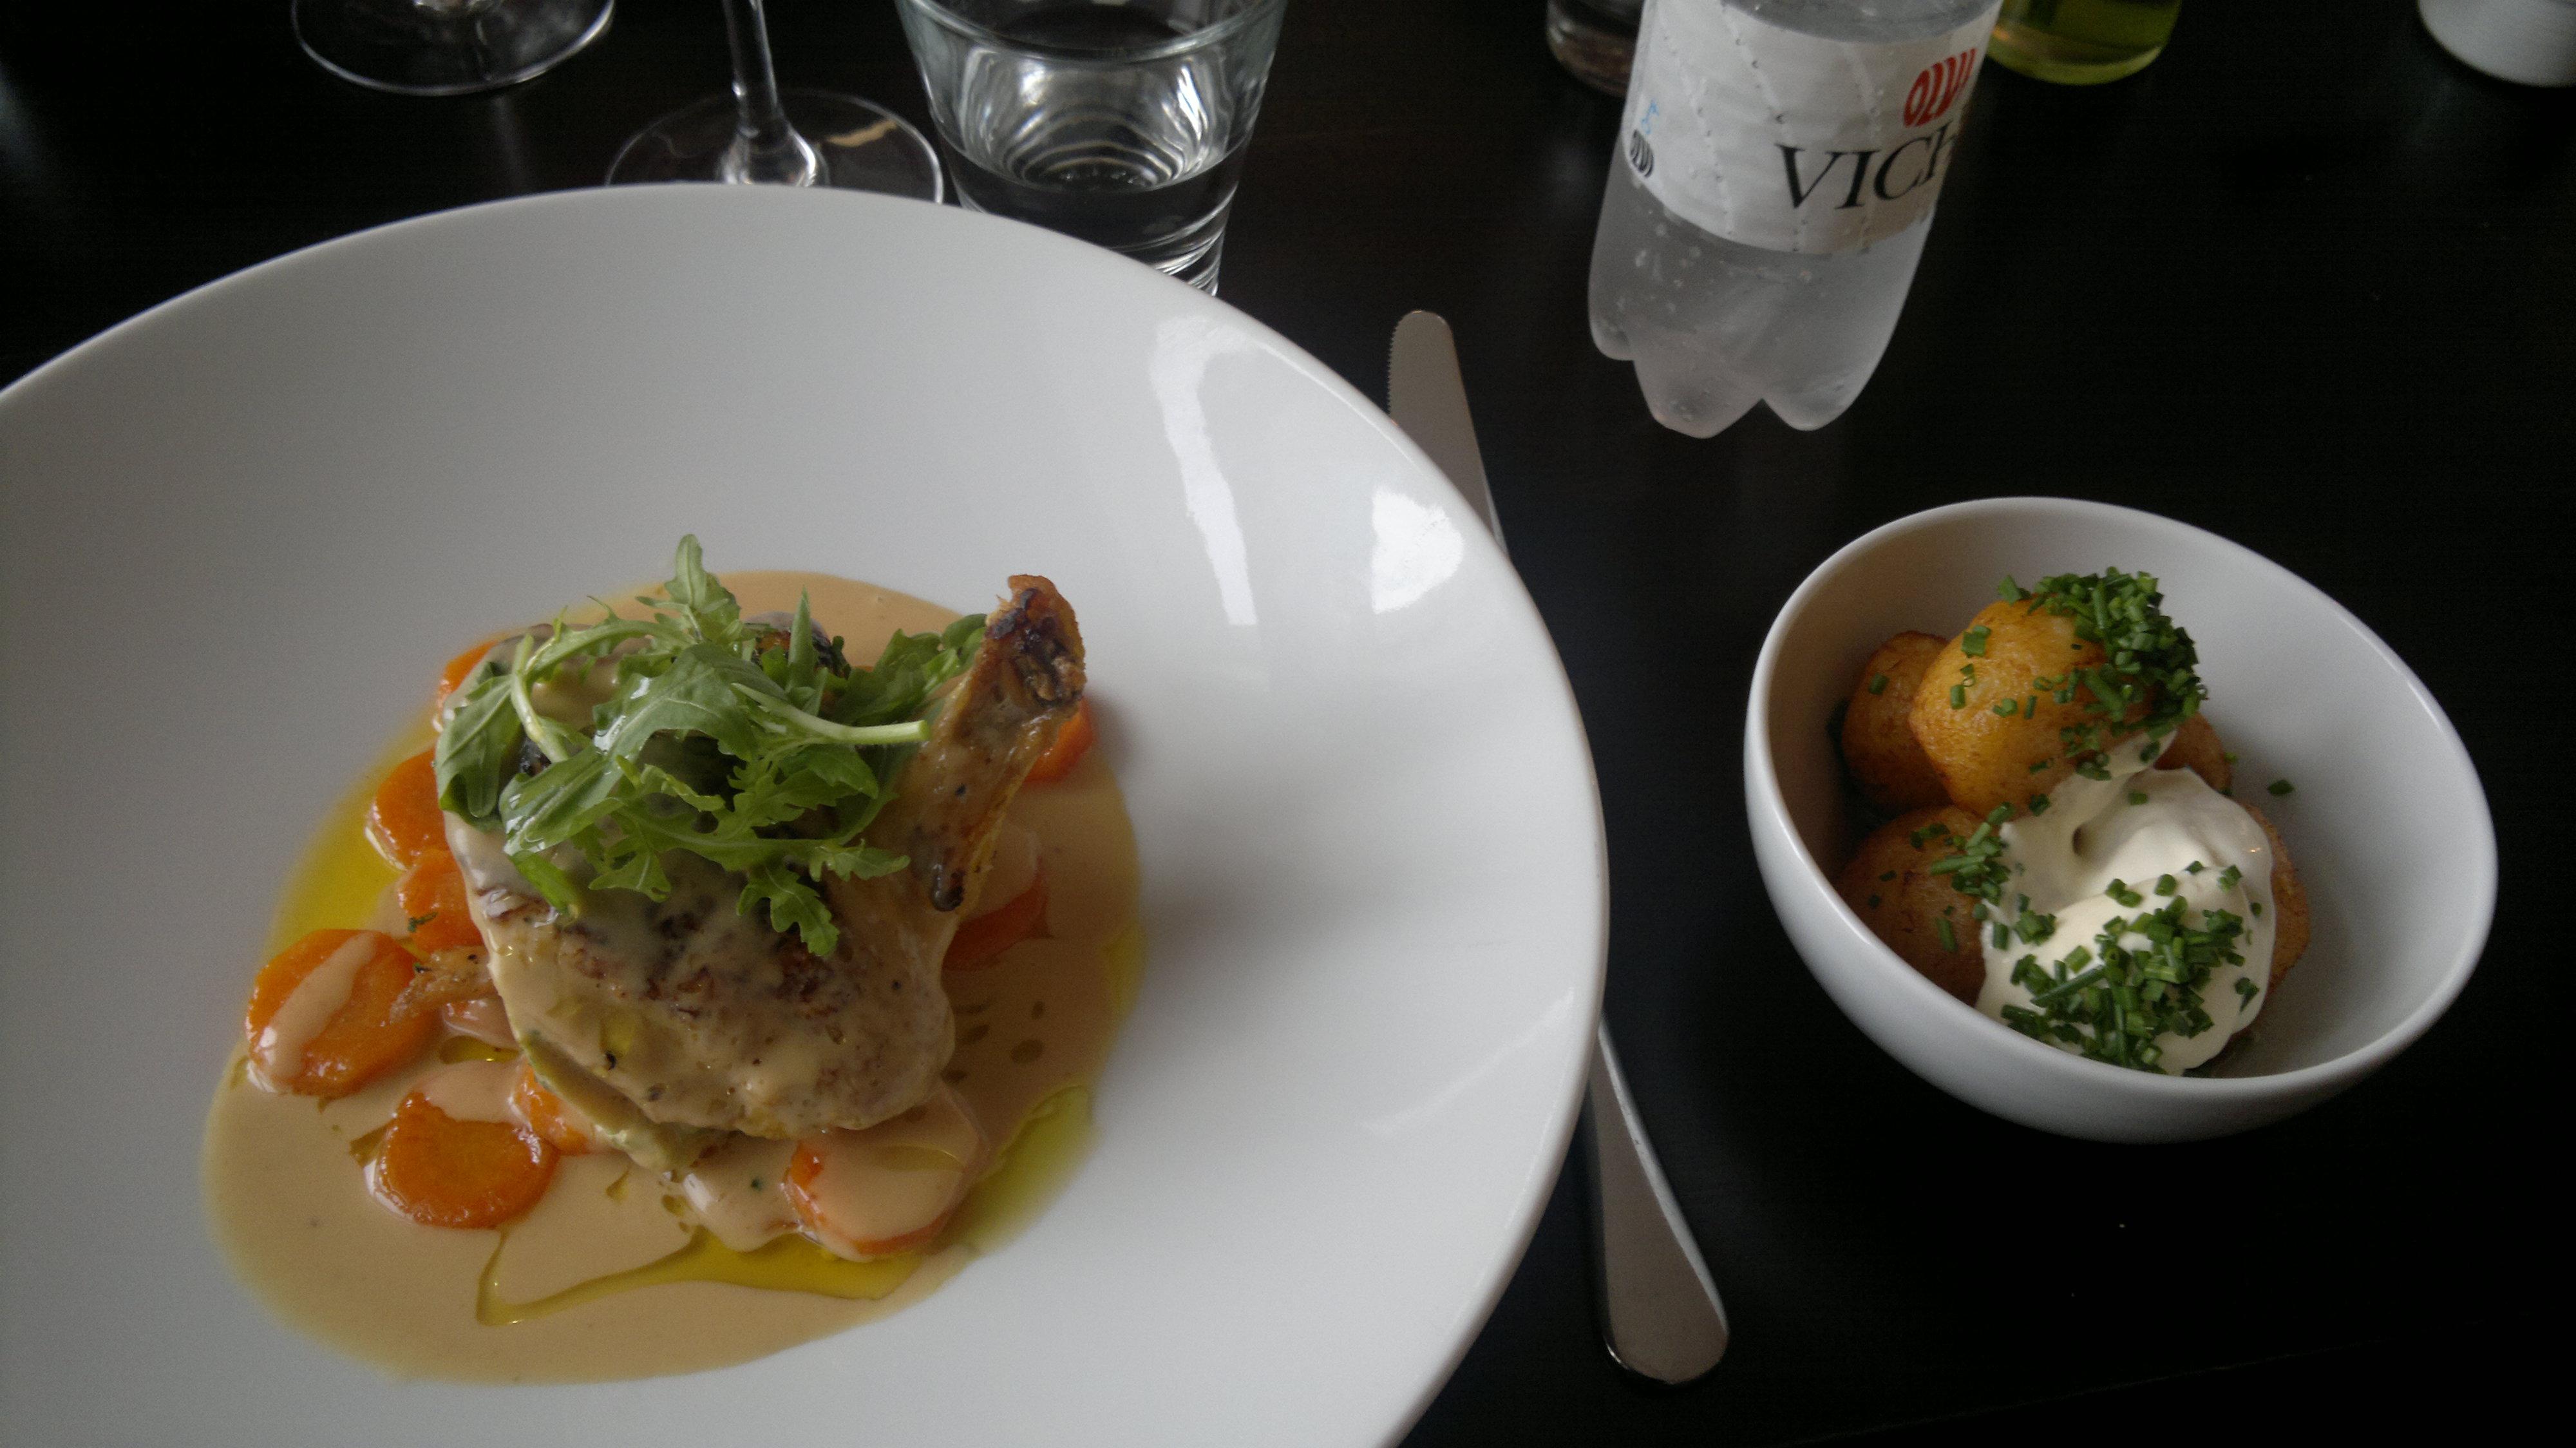 Ravintola Sunn, Helsinki: Maissikana